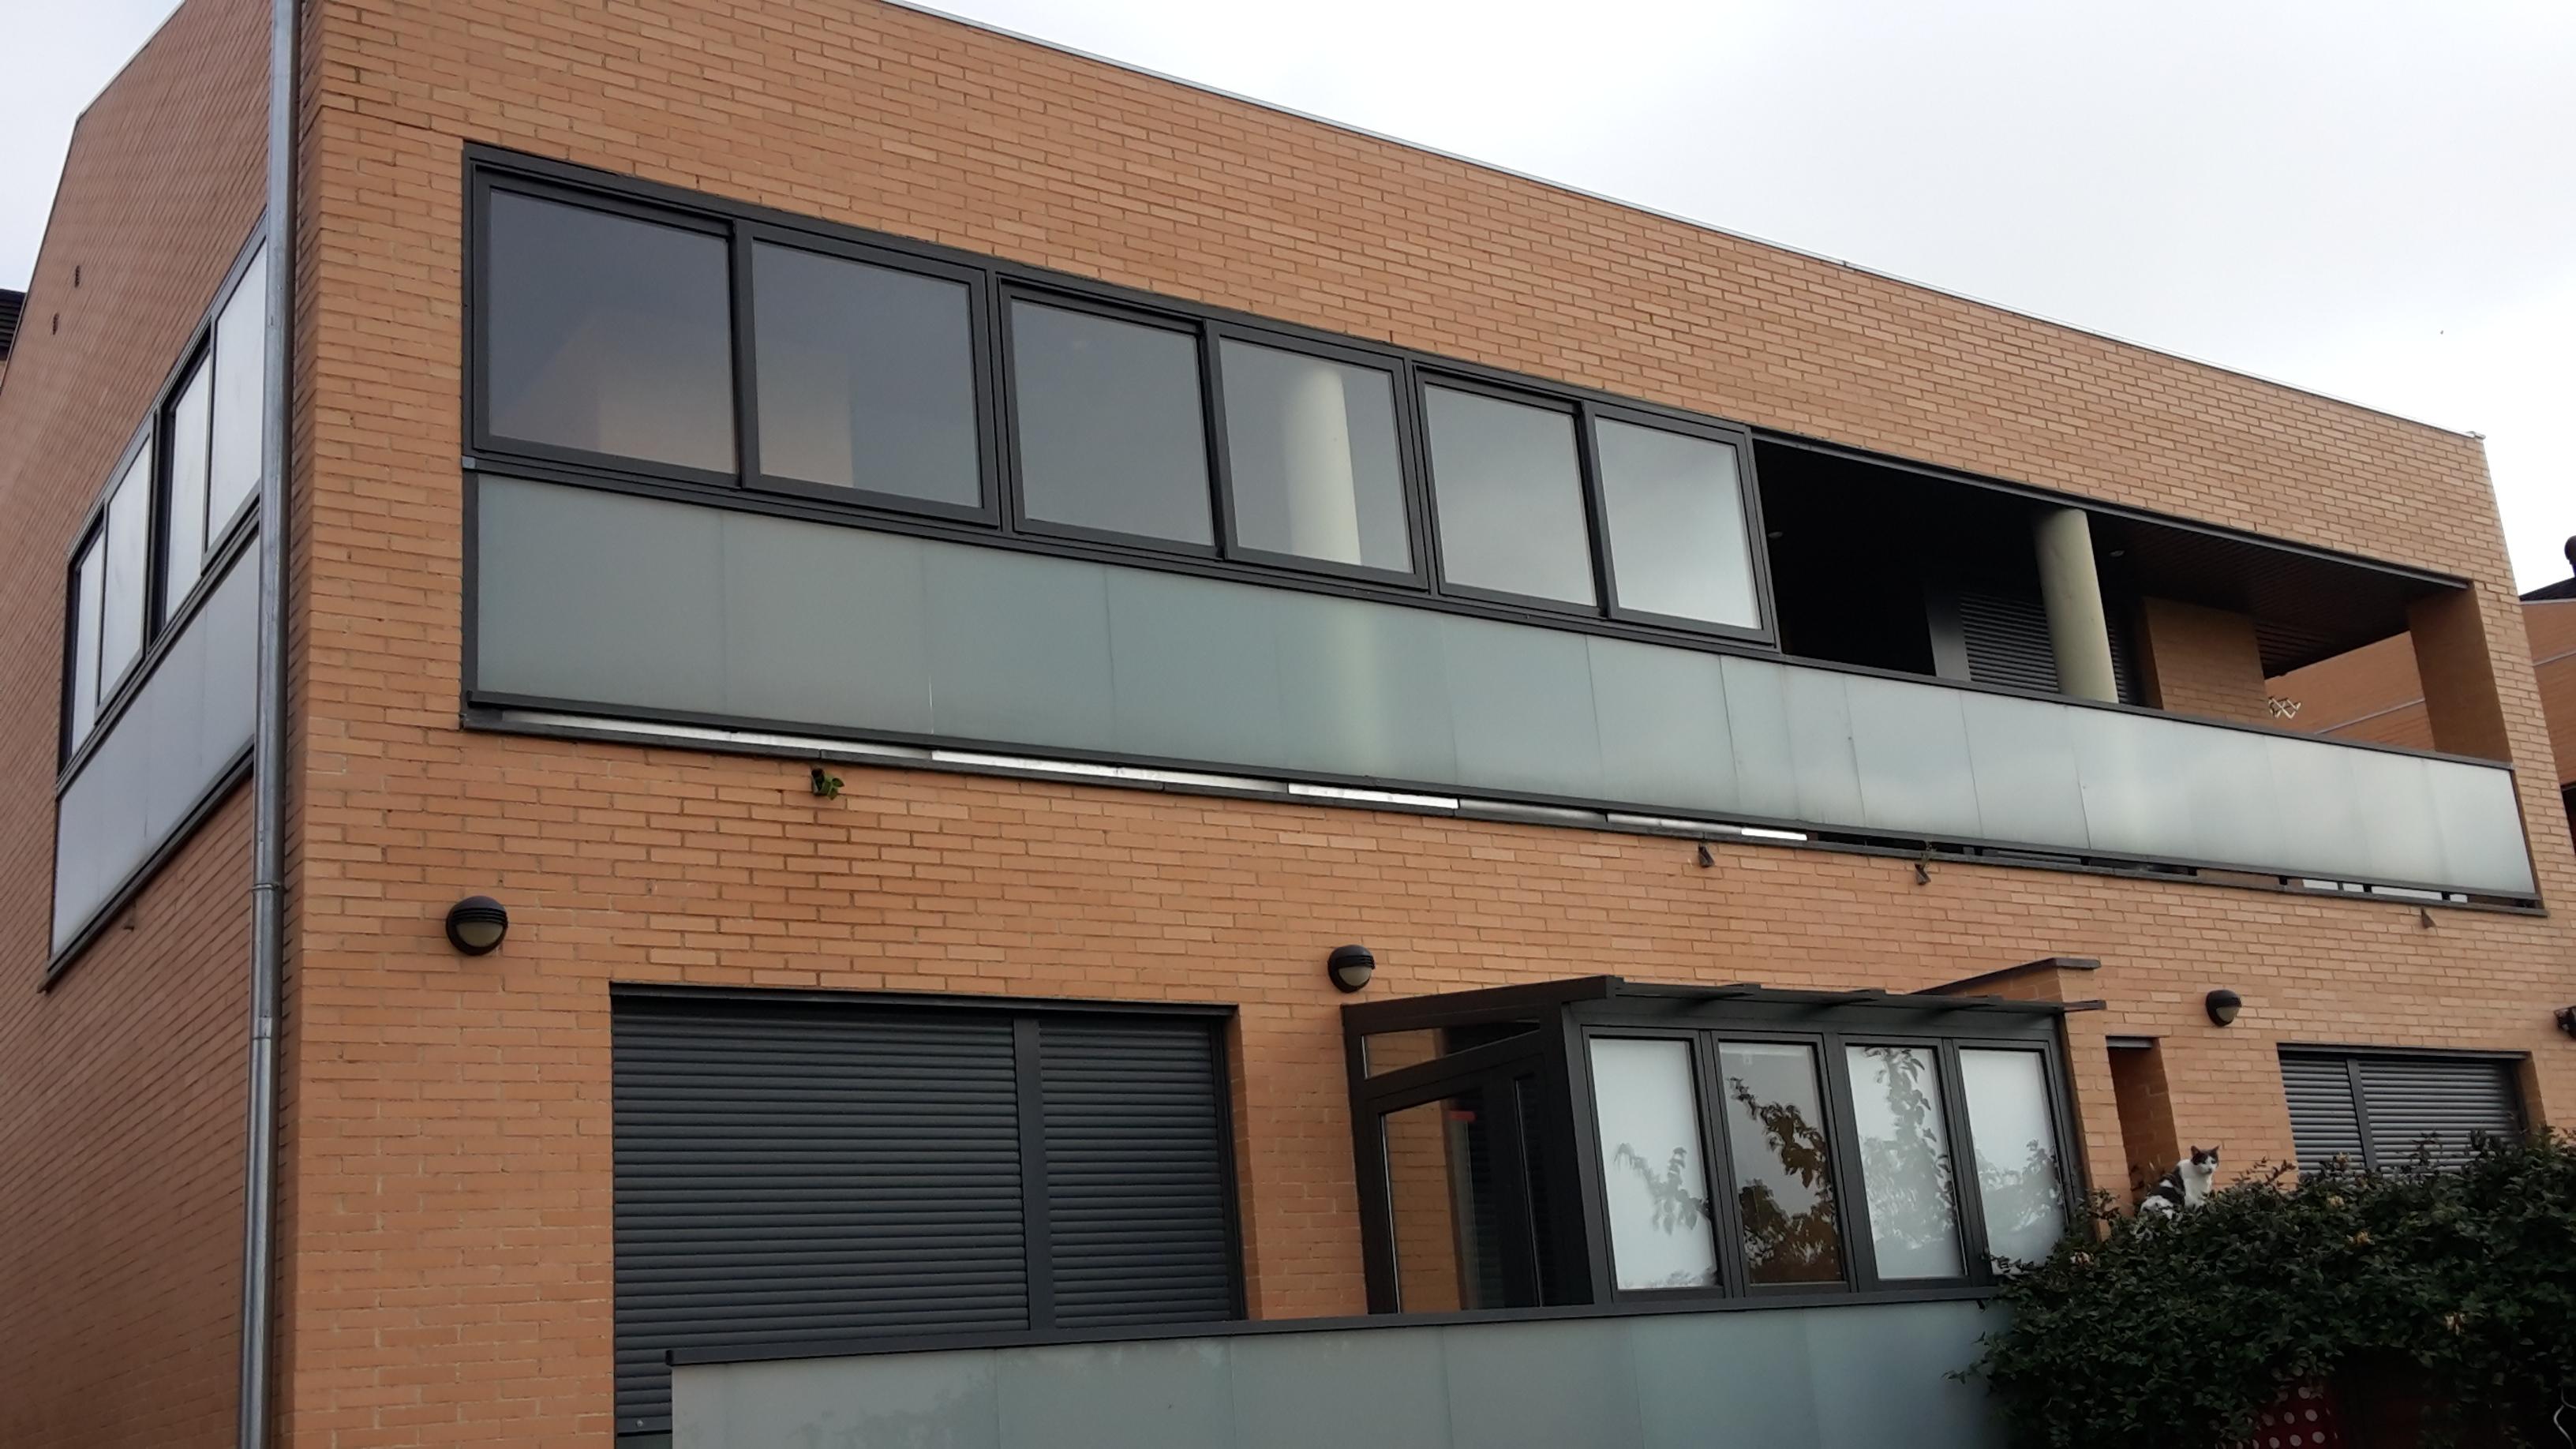 Cerramiento de aluminio en galeria montajes de aluminio dg - Cerramiento de galerias ...